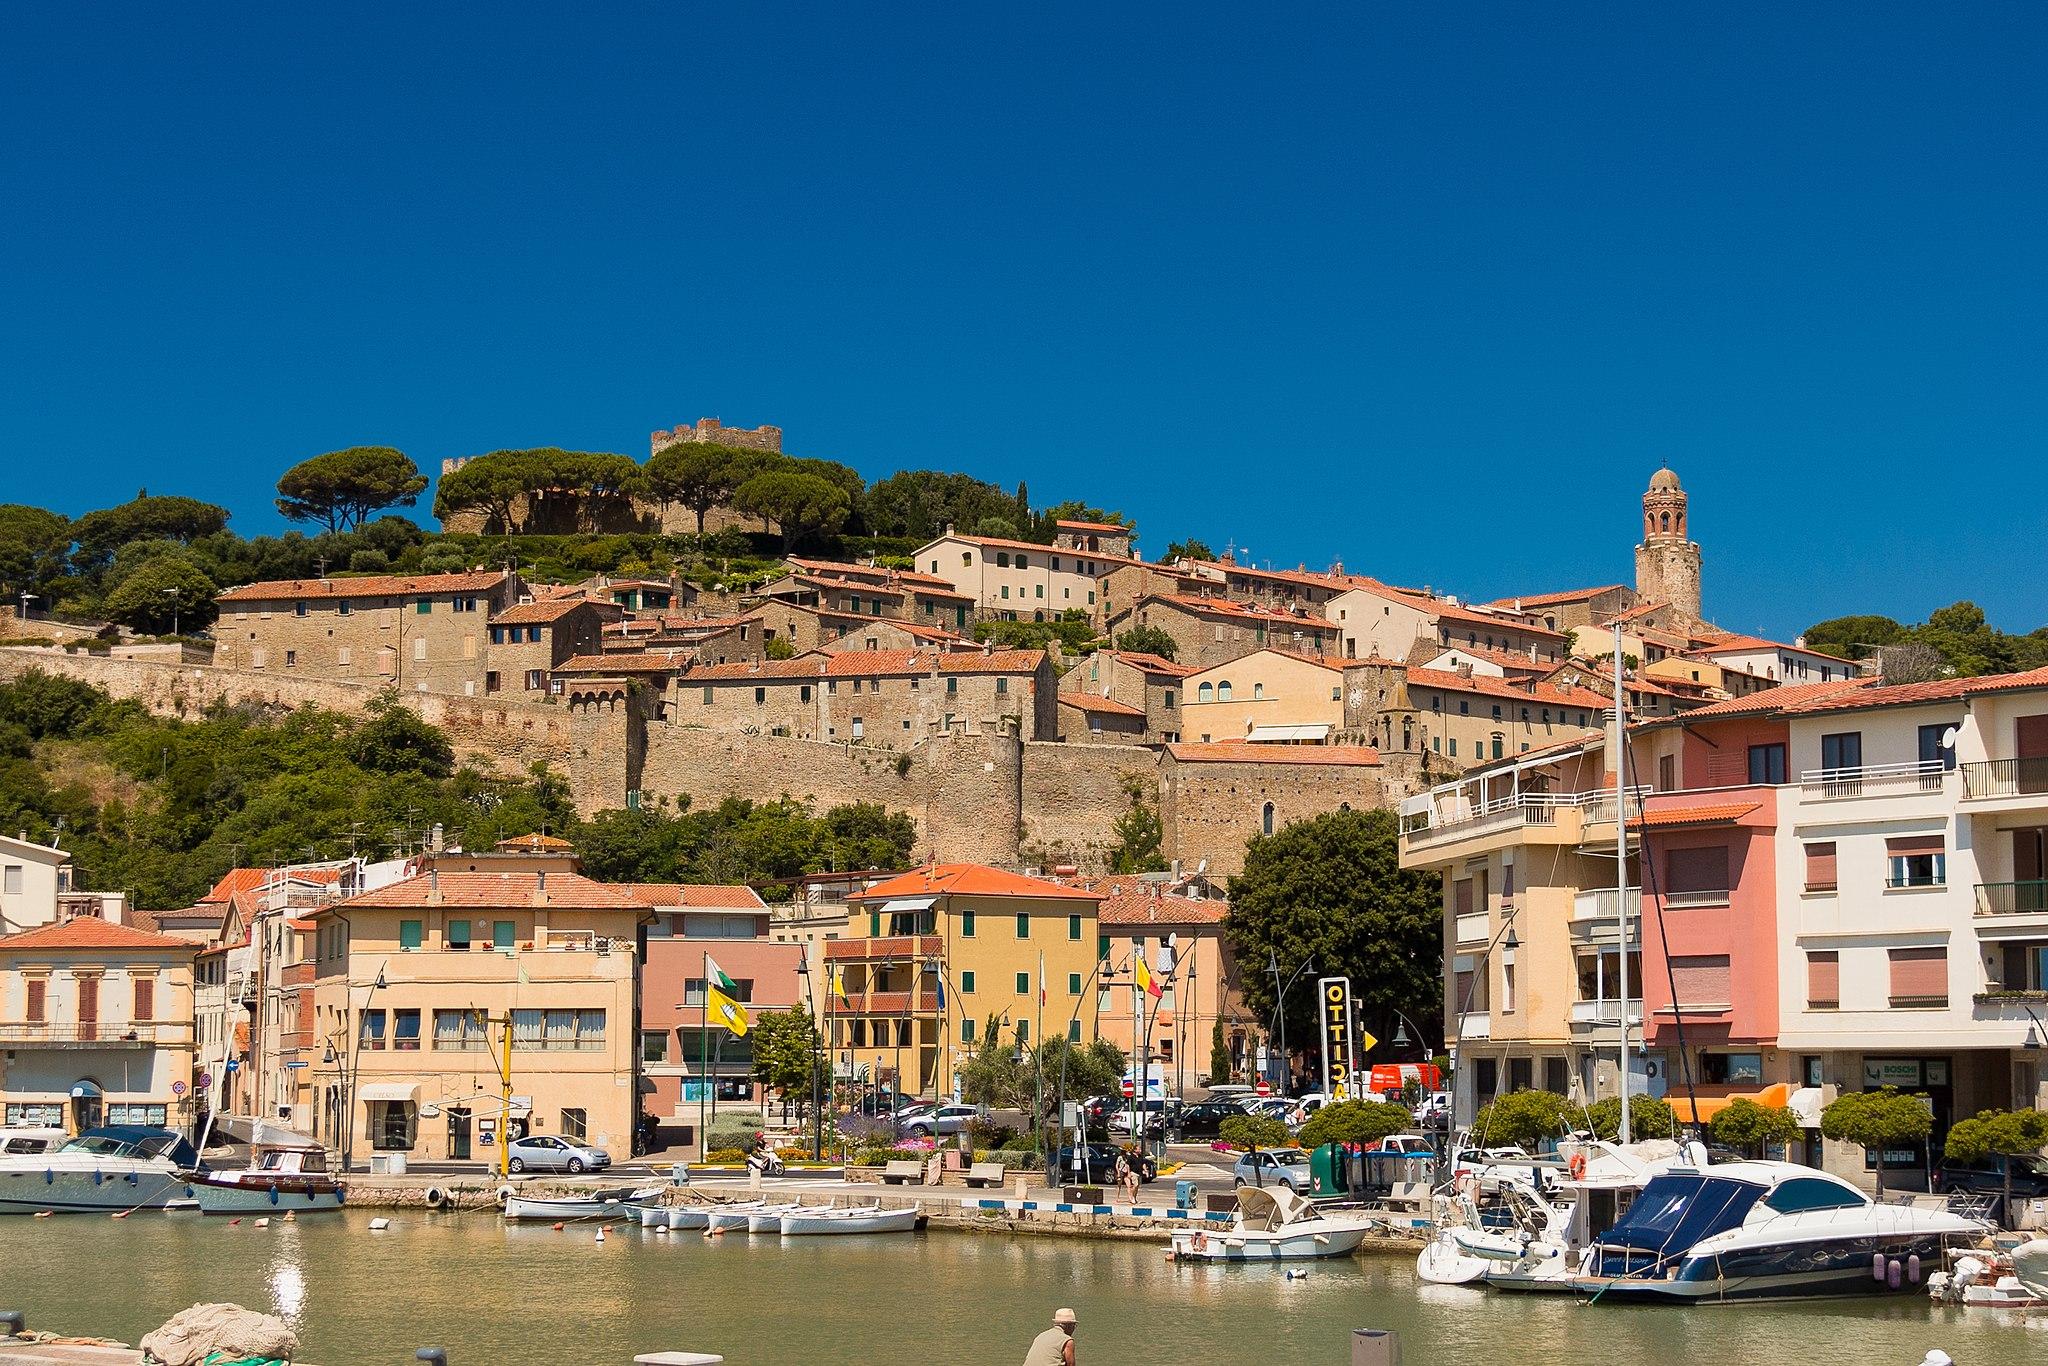 Castiglione della Pescaia , veduta del centro storico